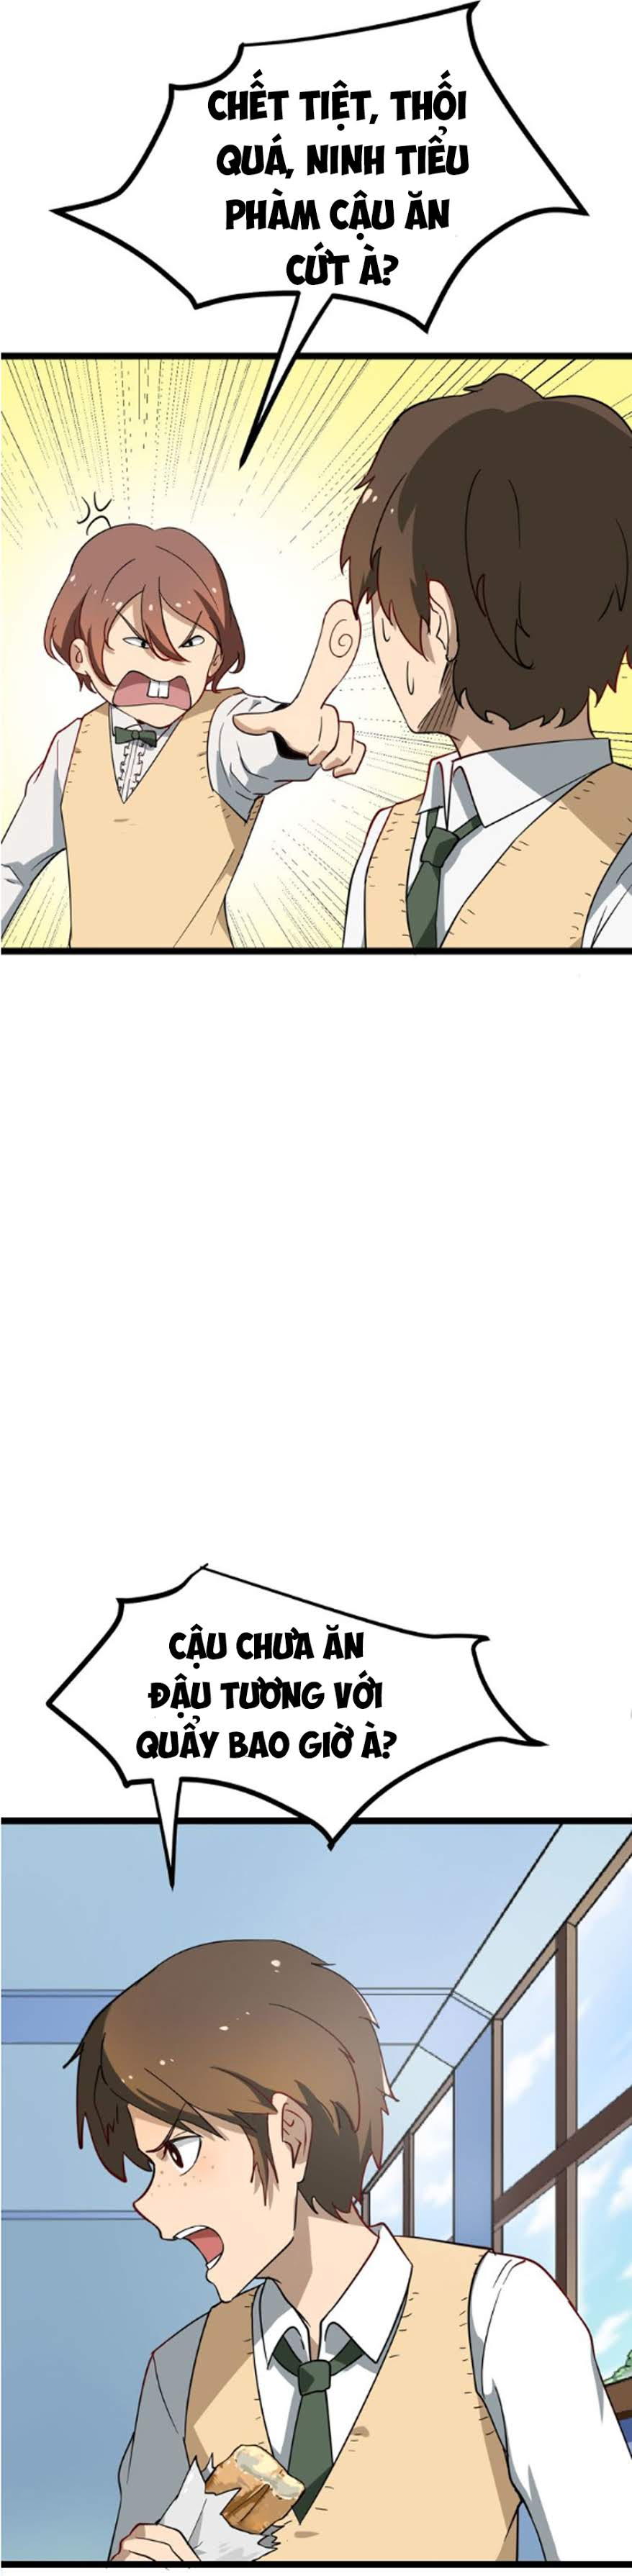 Cửa Hàng Đào Bảo Thông Tam Giới chap 1 - Trang 25